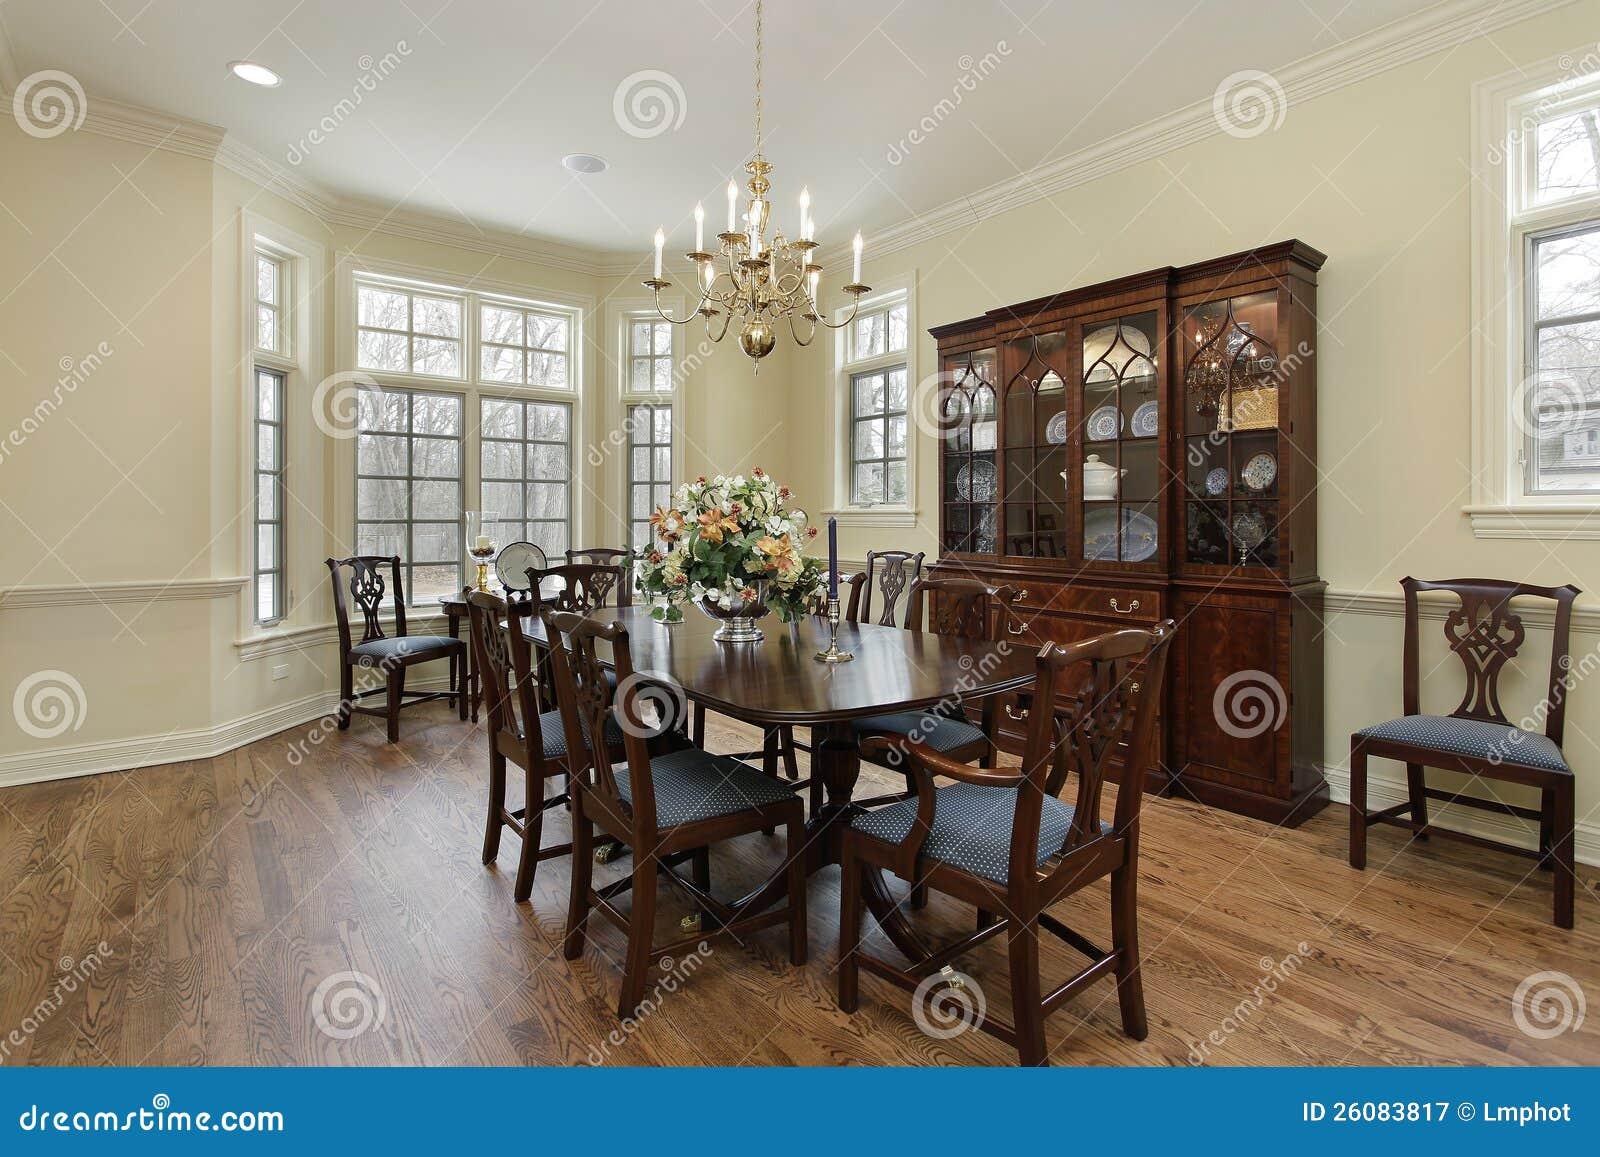 Eetkamer met room gekleurde muren royalty vrije stock fotografie afbeelding 26083817 - Buffeteetkamer ontwerp ...